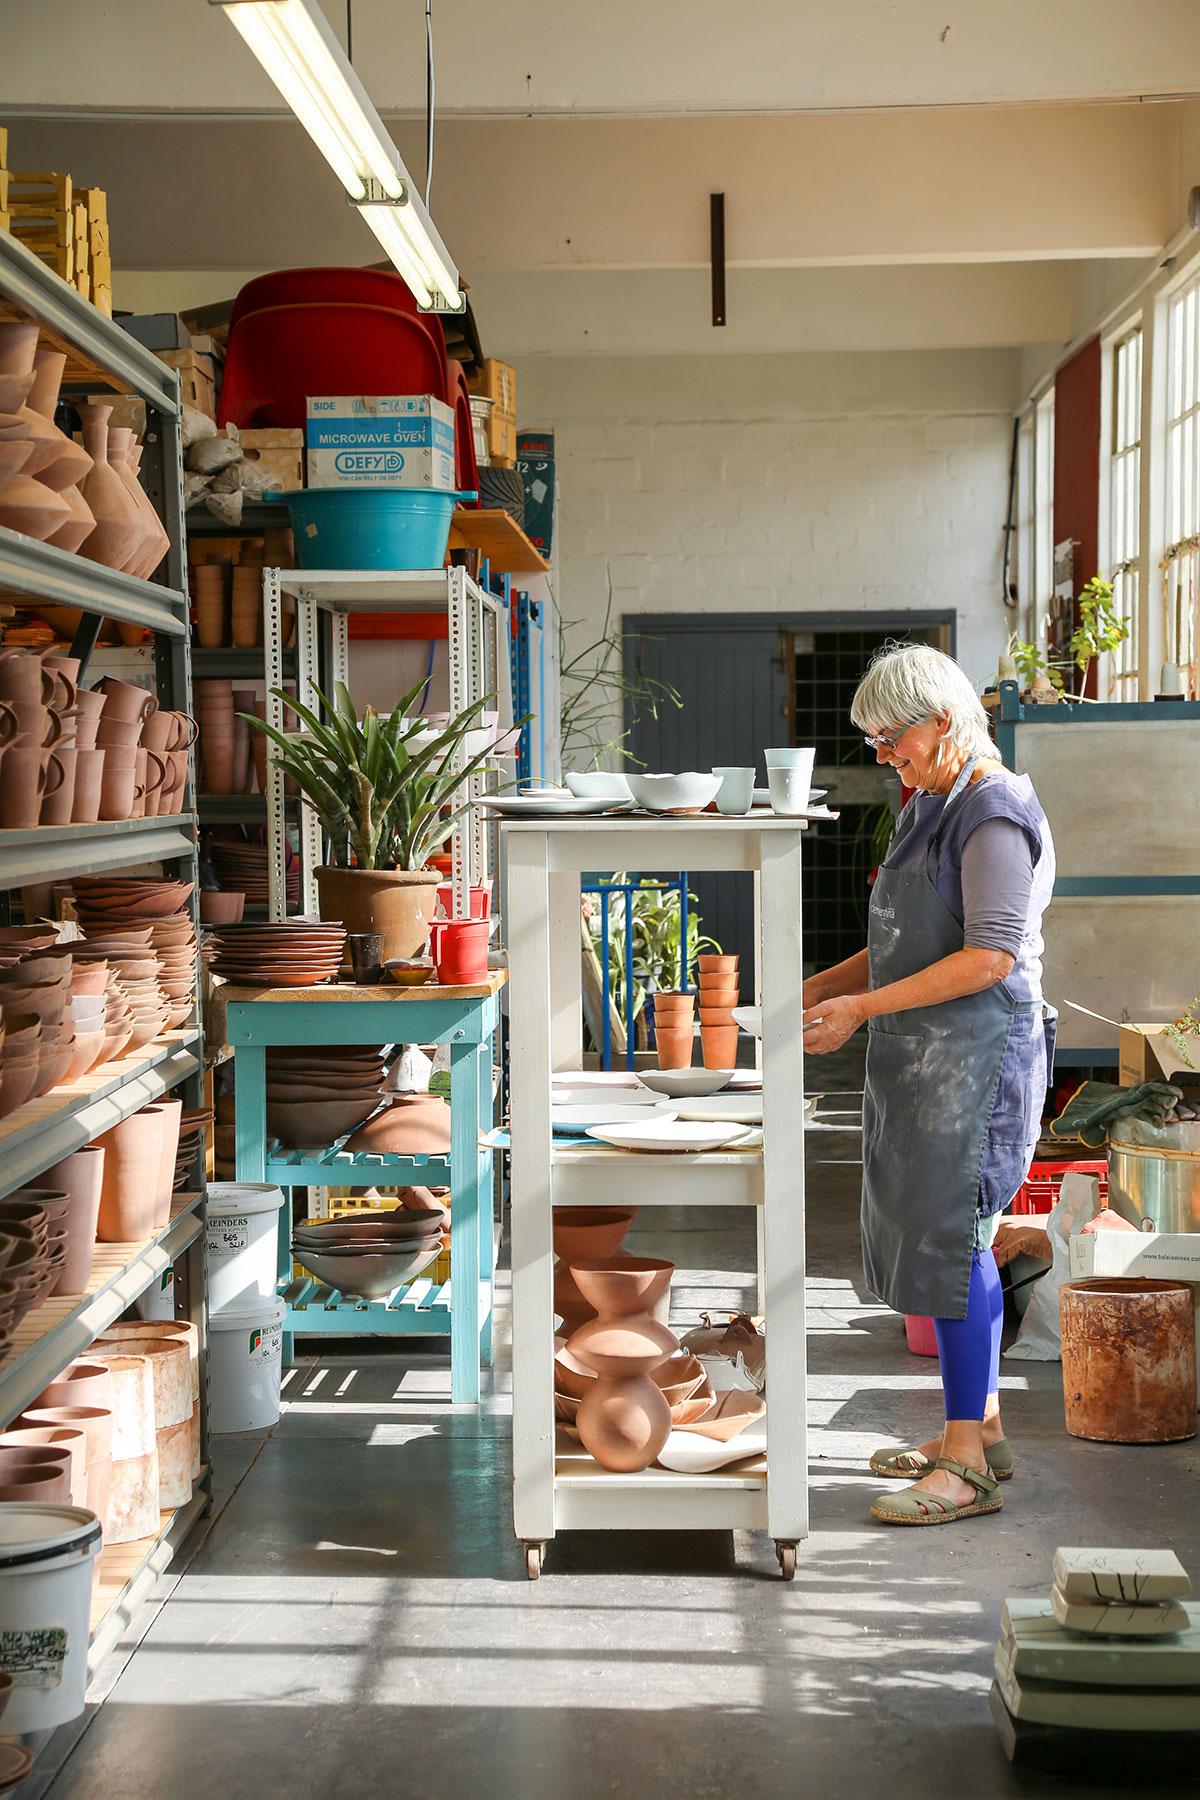 clementina-ceramics-miss-moss-stokperd-11